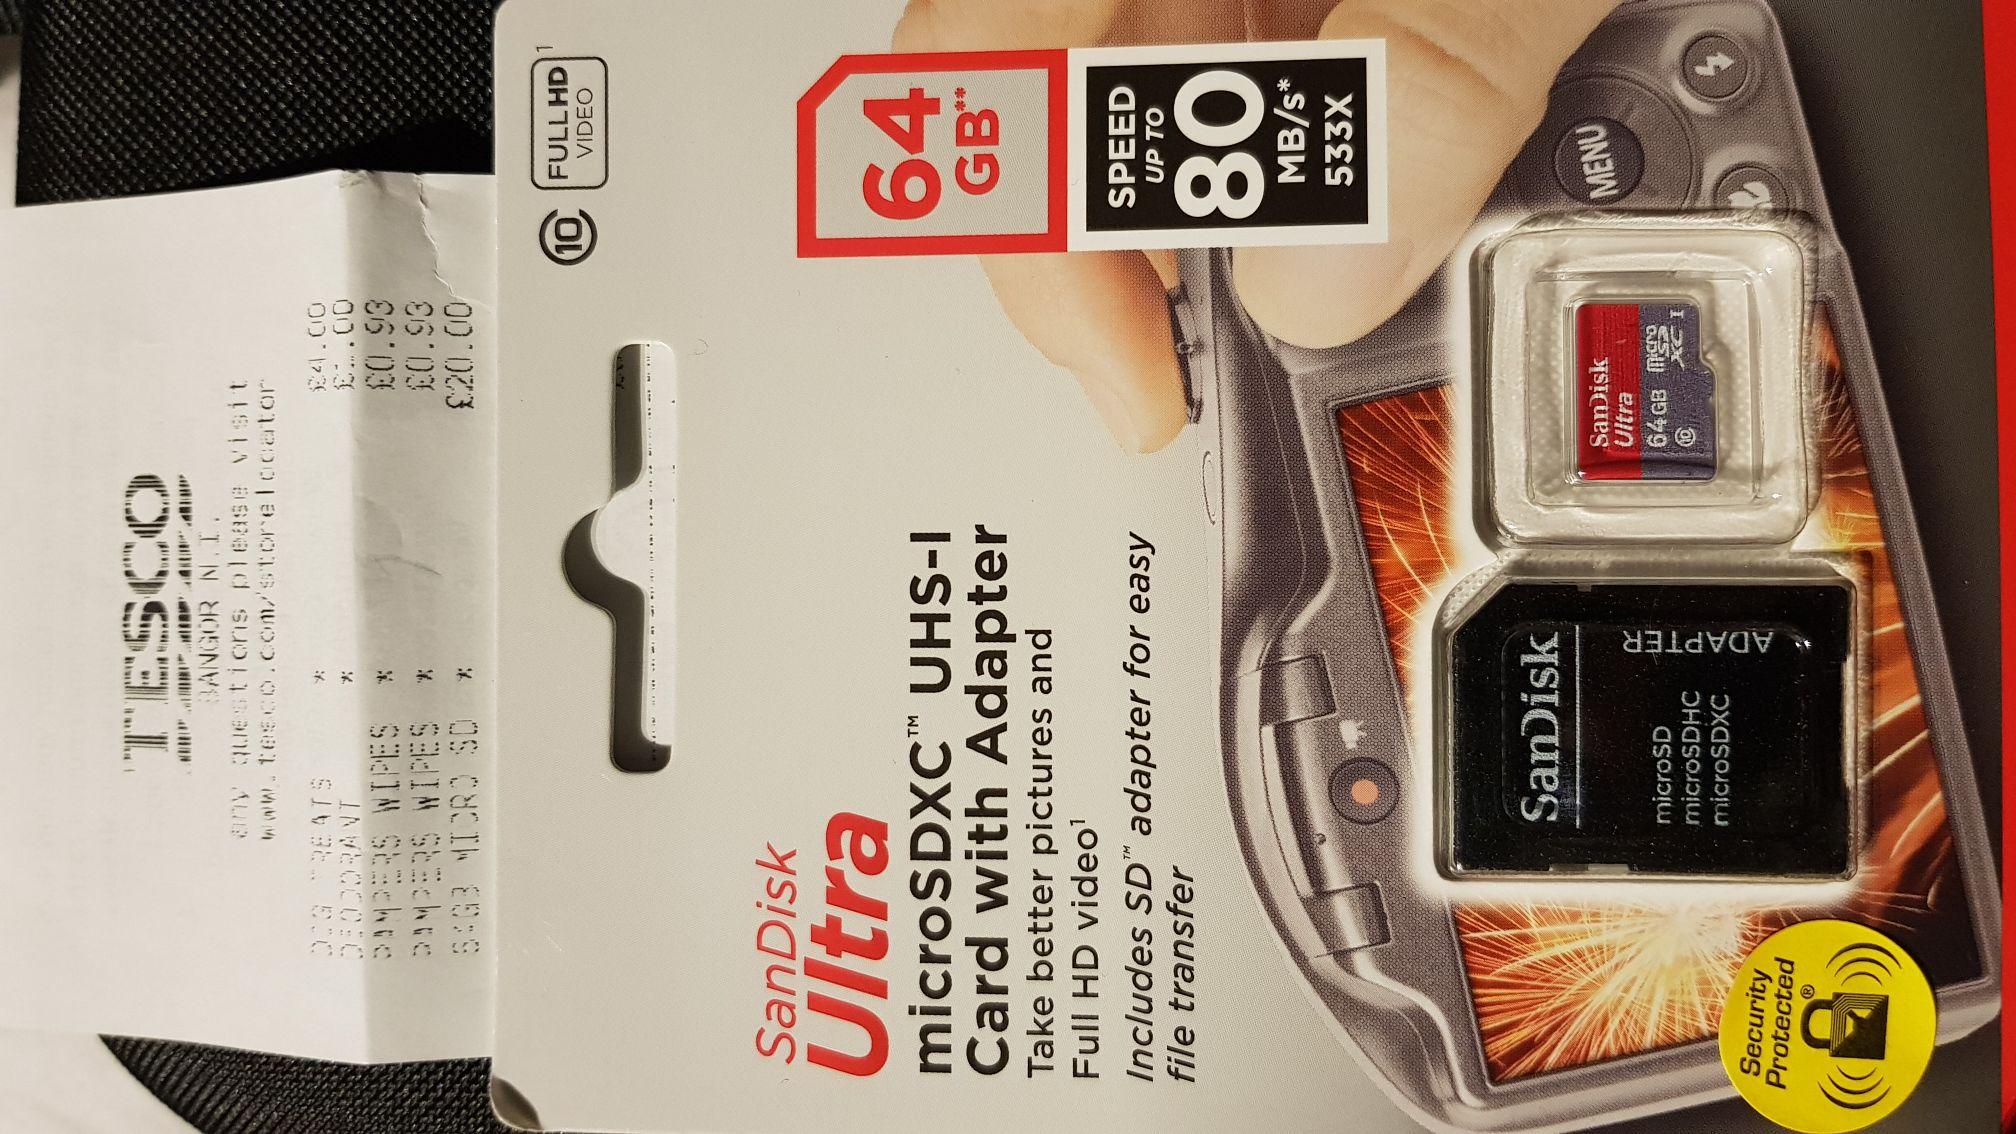 Sandisk 64gb MicroSD Memory Card & Adapter £20.00 @ Tesco -  Bangor NI